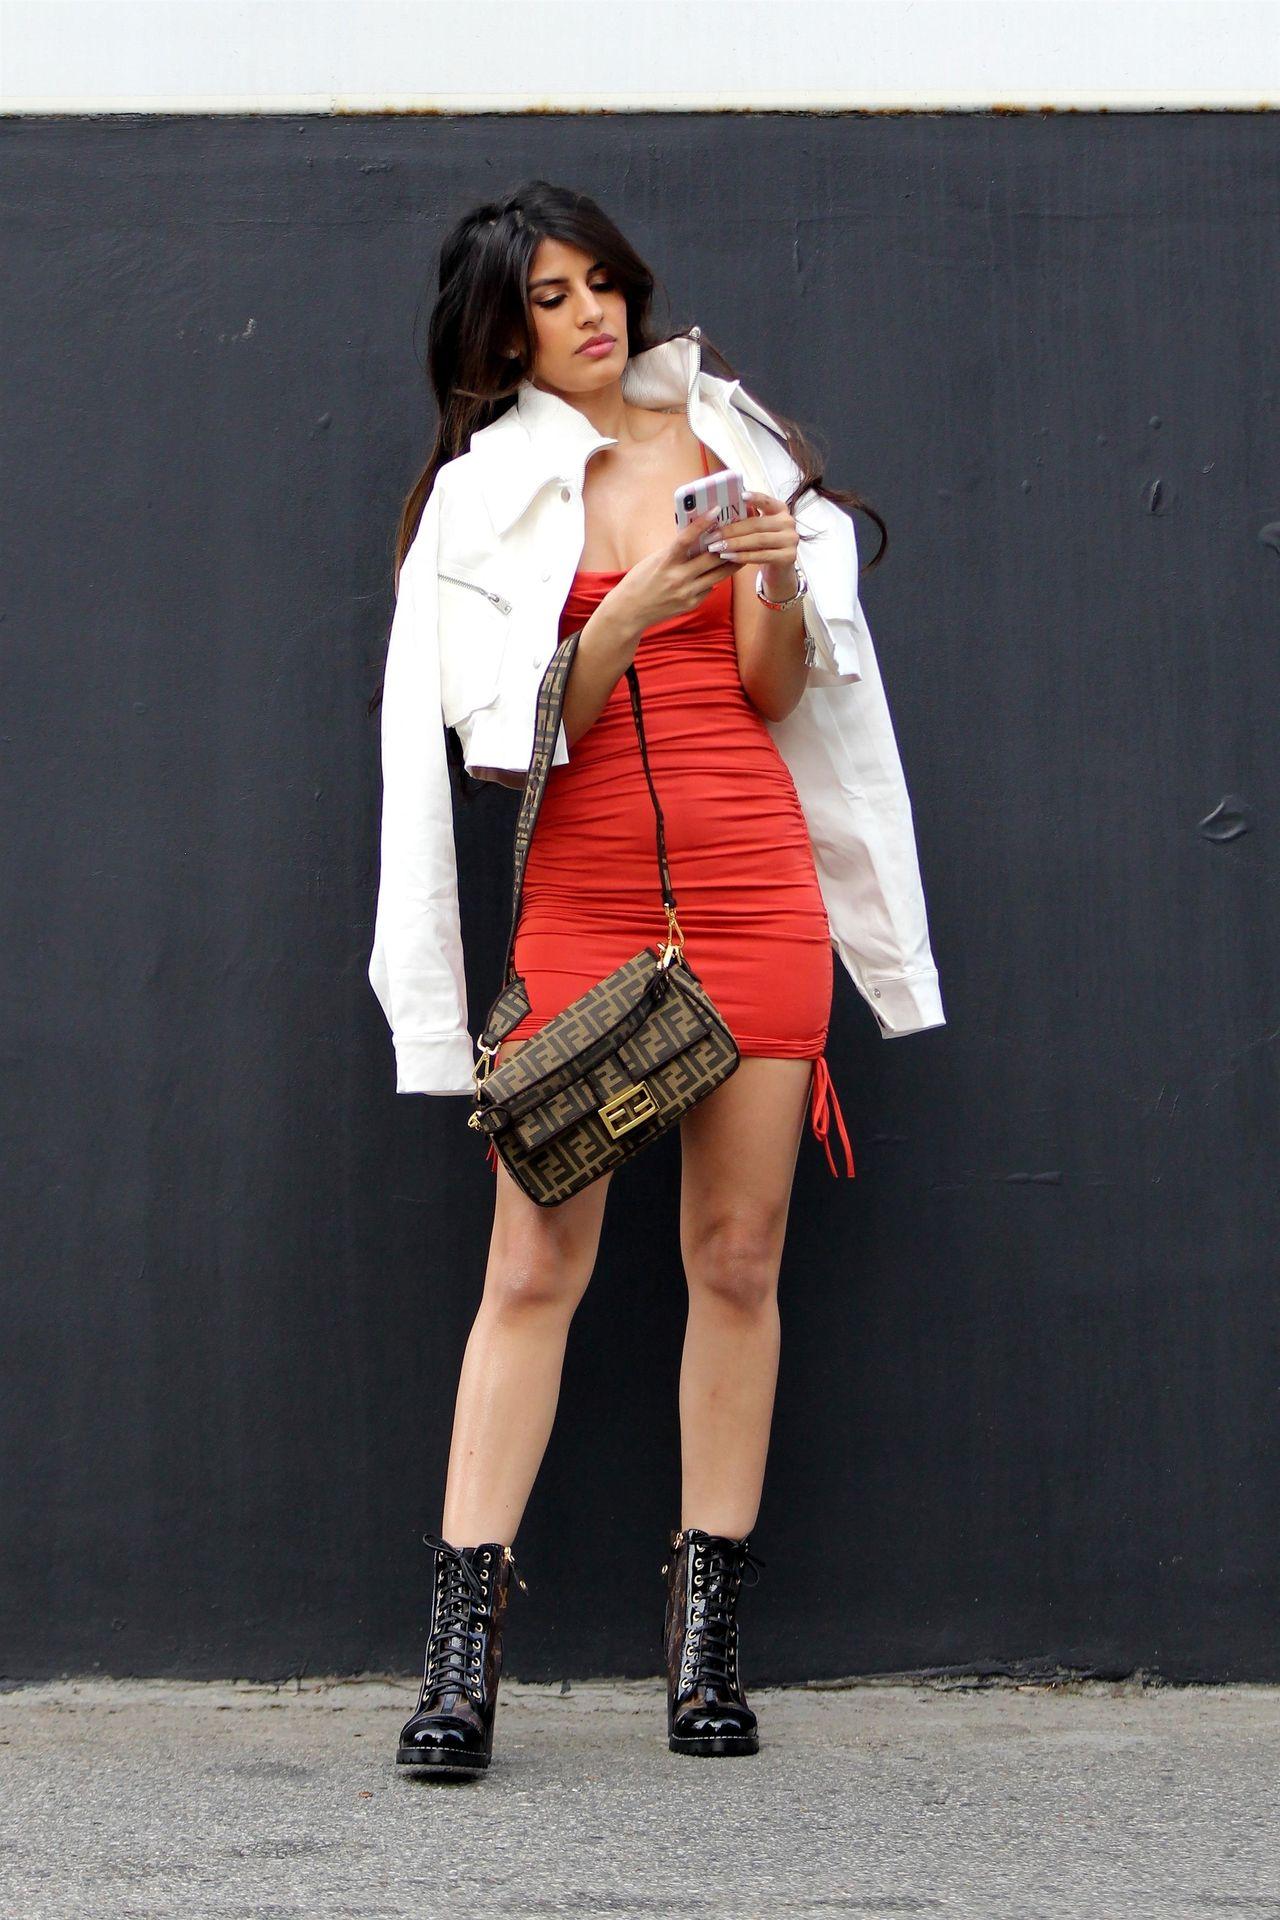 Sexy Jasmin Walia Starts Her Week At La Studio 0024